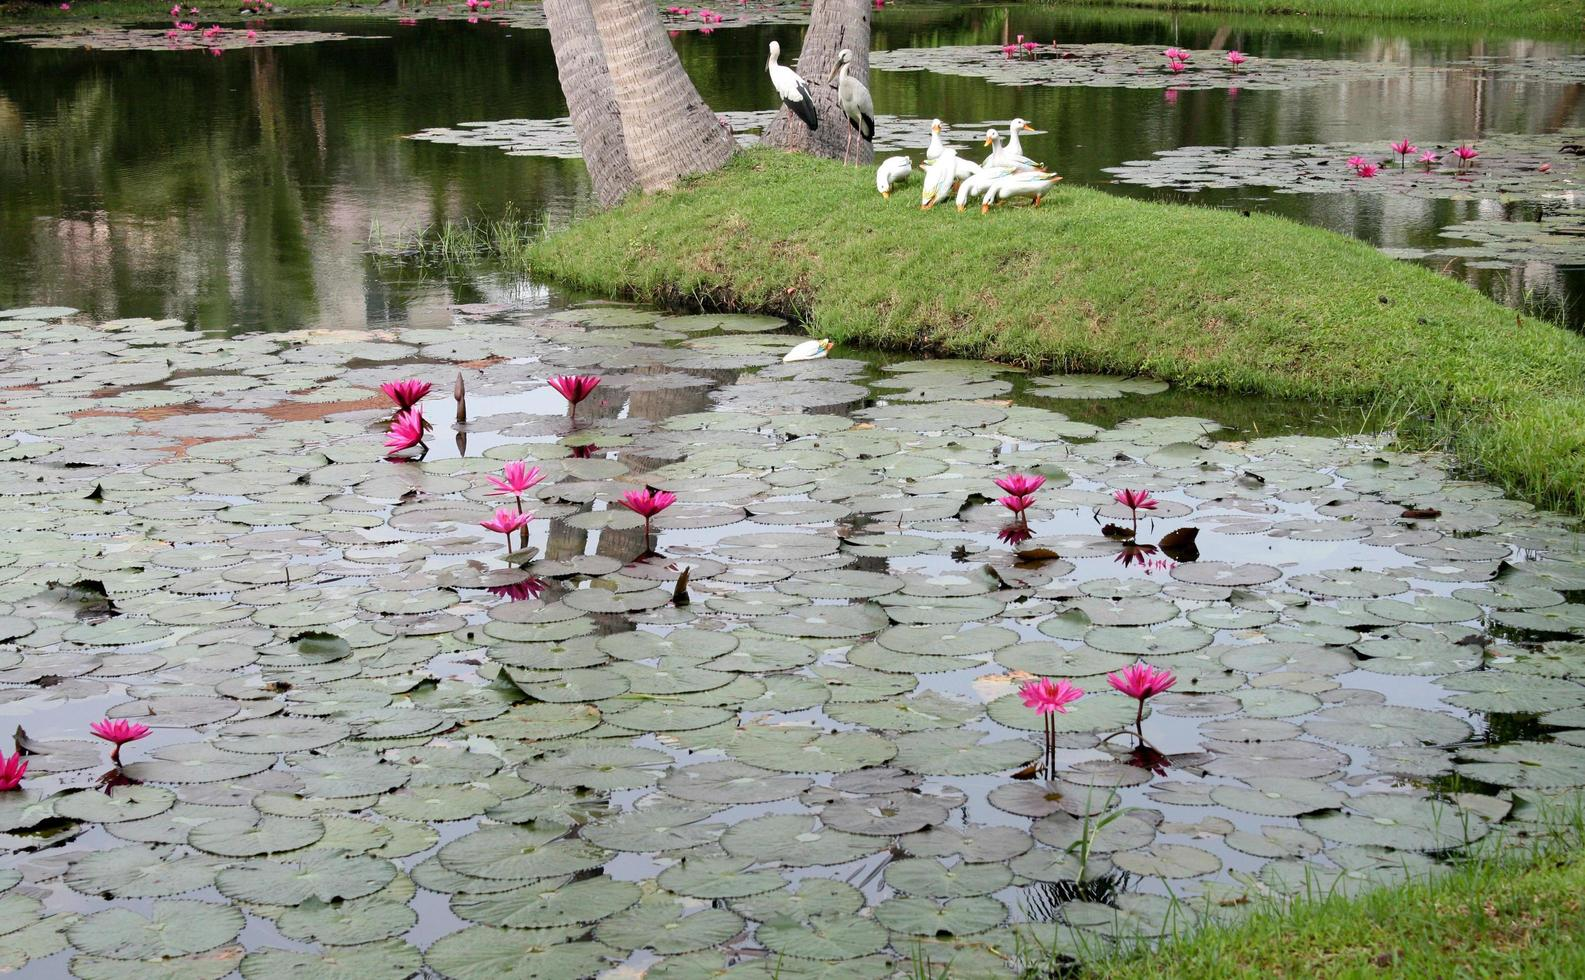 el estanque de lotos en rosa foto